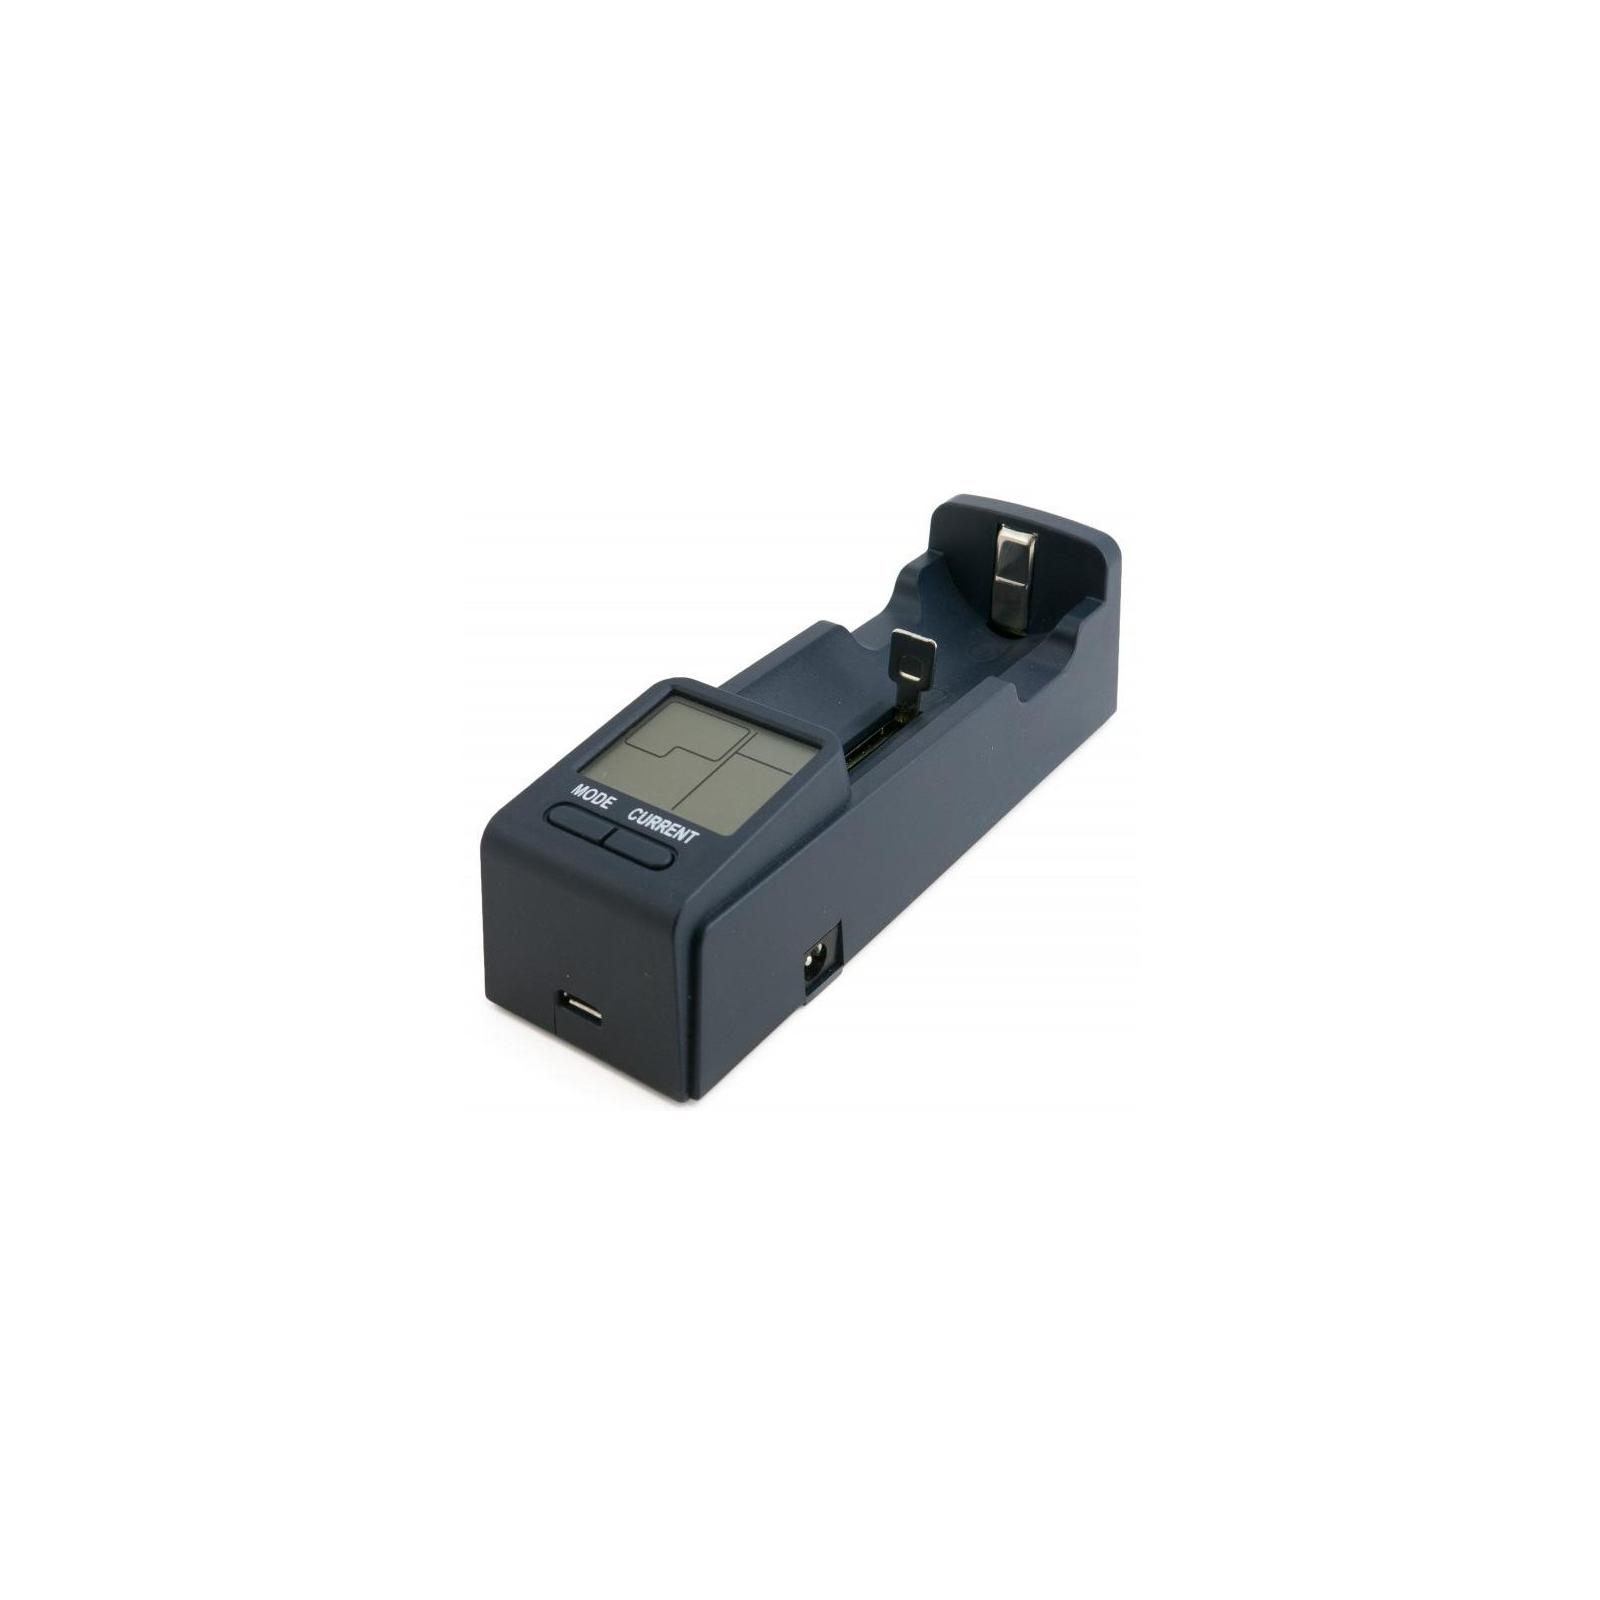 Зарядное устройство для аккумуляторов Extradigital BTC10 Travel 1slot Li-ion, Ni-MH, Ni-CD, LiFePO4 (AAC2832)